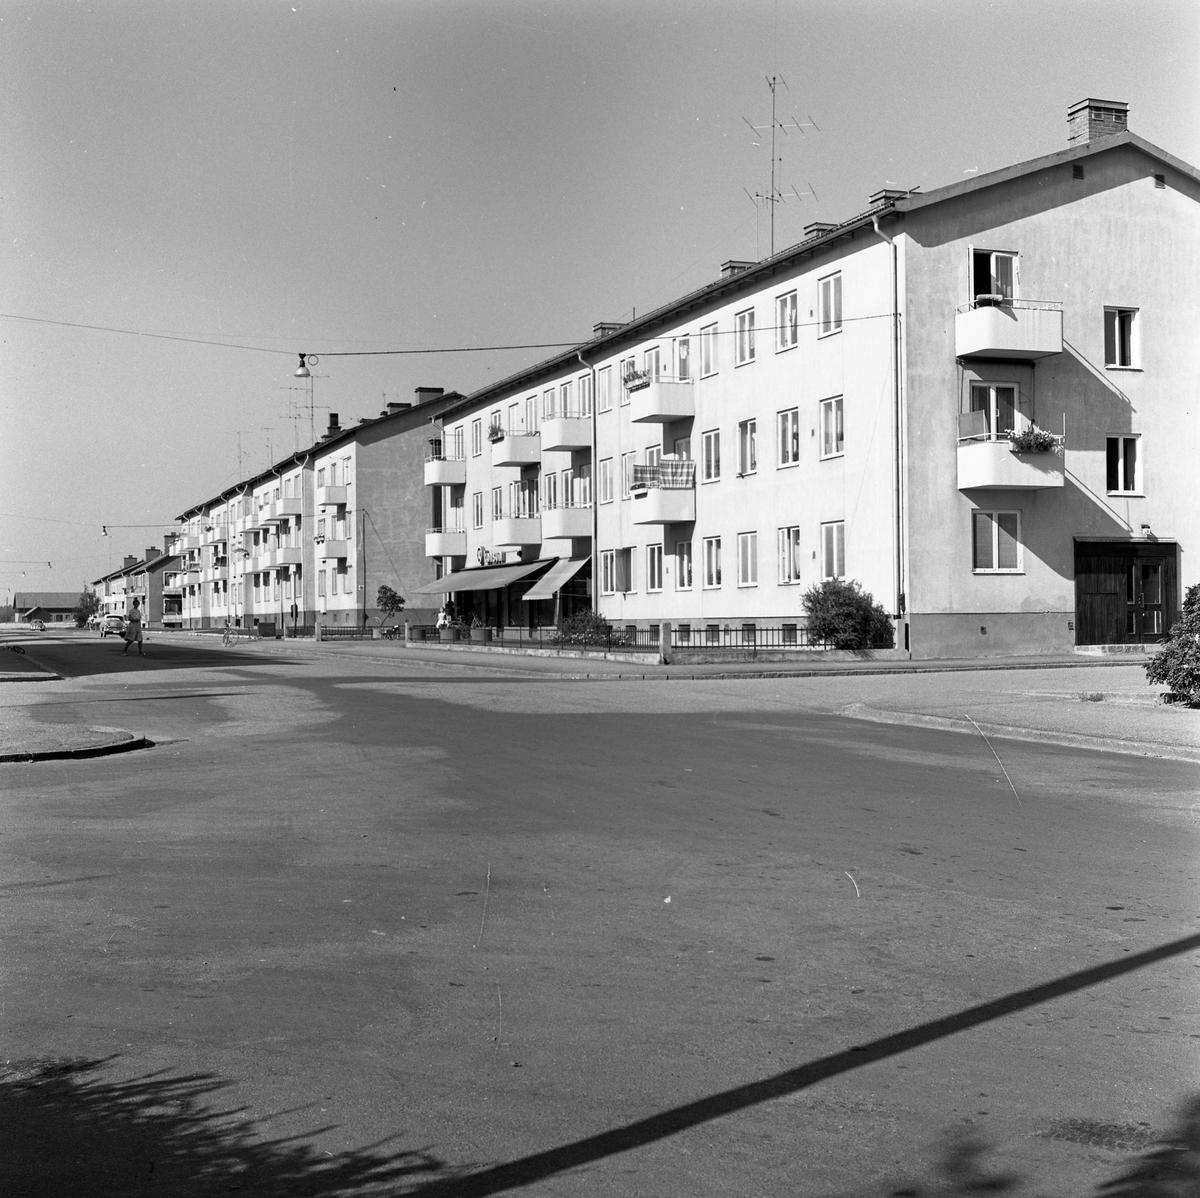 Flerfamiljshus i Vasastaden. Porten på gavlen har adress Stationsgatan 2. Längre bort på gatan syns en kvinna och en bil.